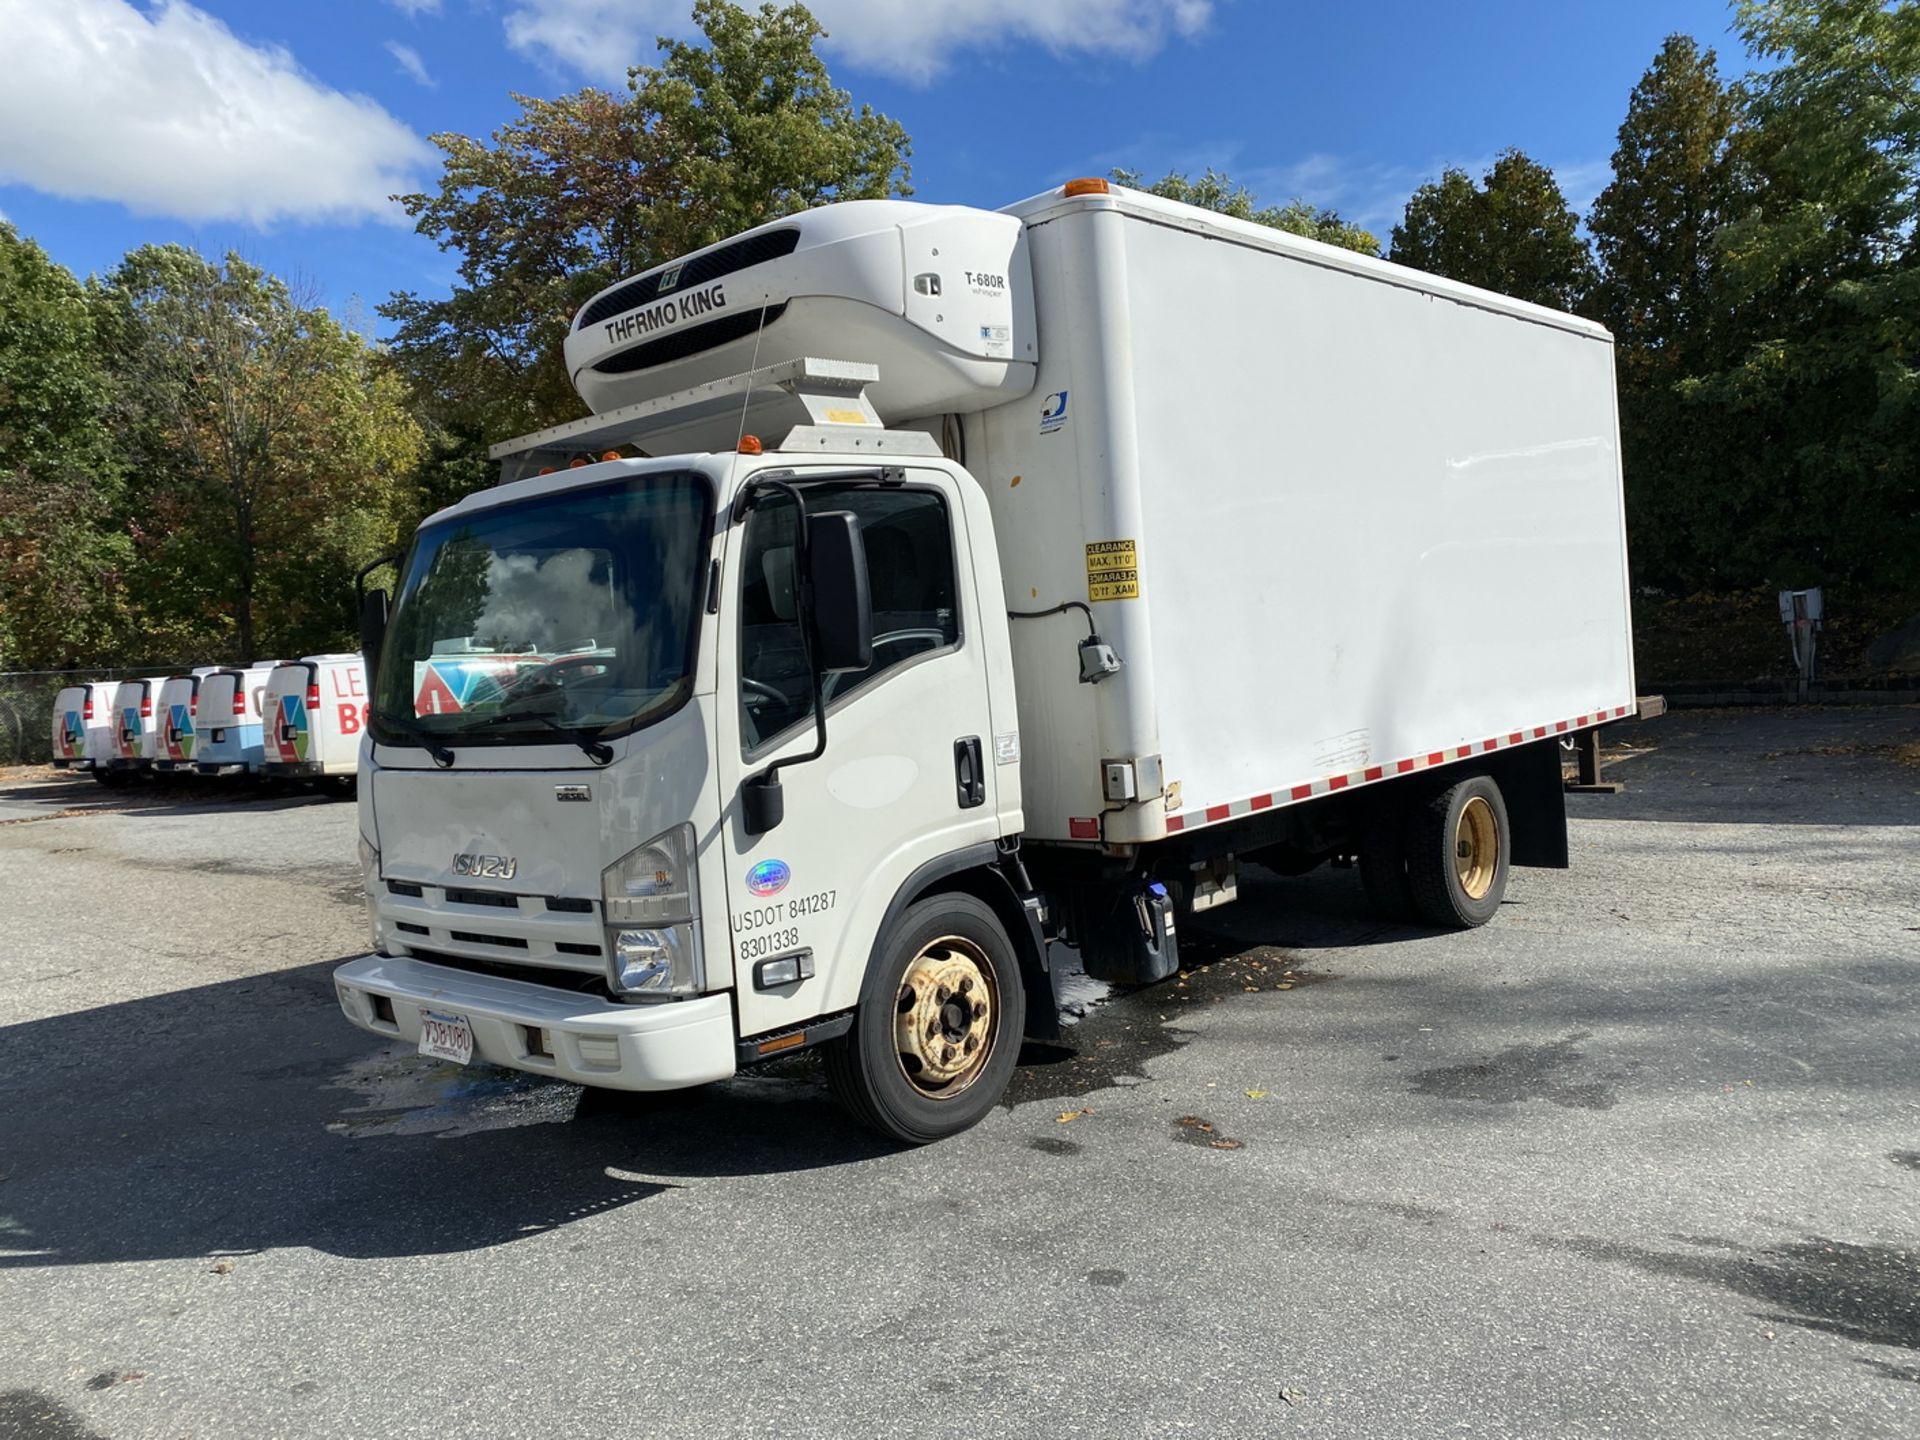 2014 Isuzu refrigerated truck - Image 2 of 9